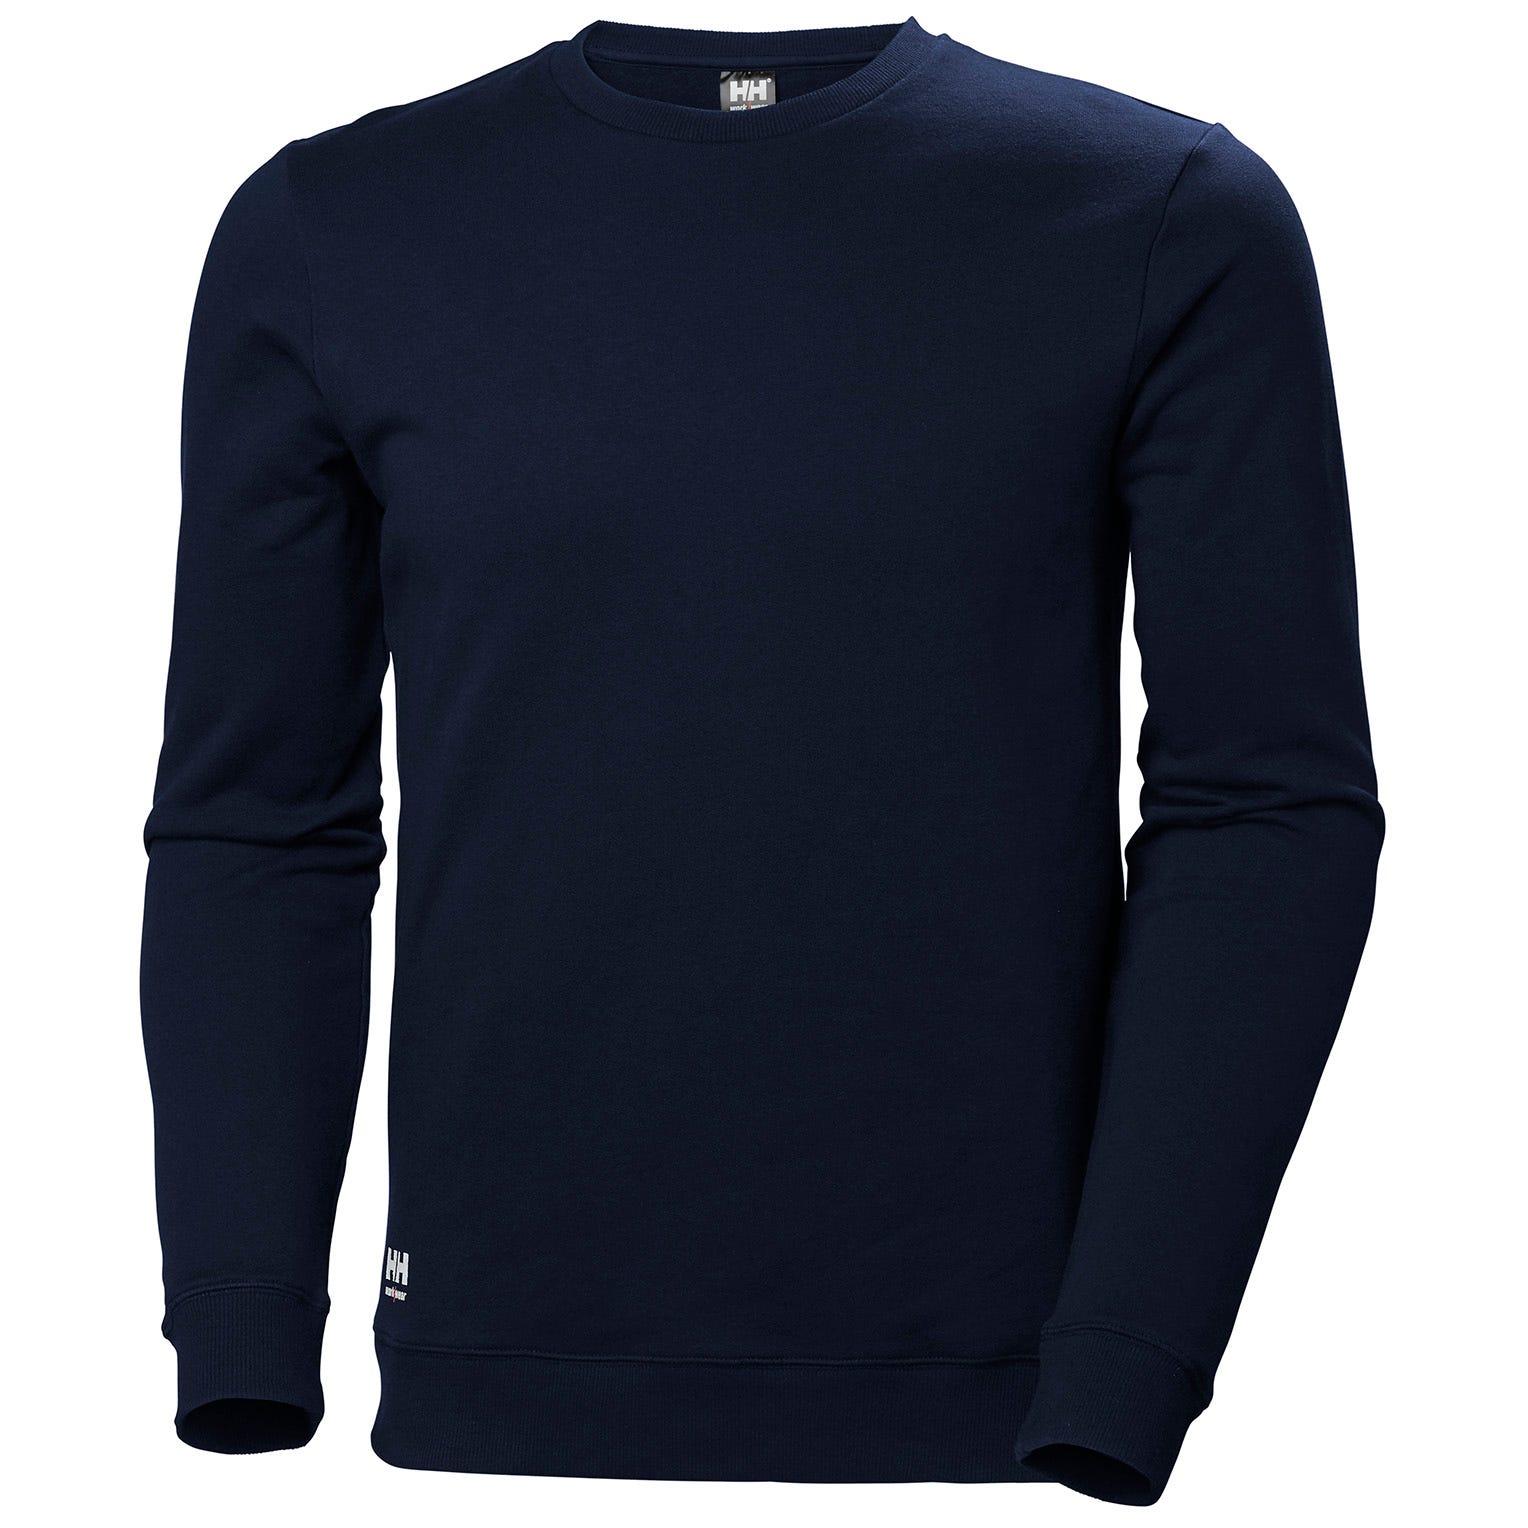 HH Workwear Workwear Helly Hansen Manchester SweaMaglietta XS Navy